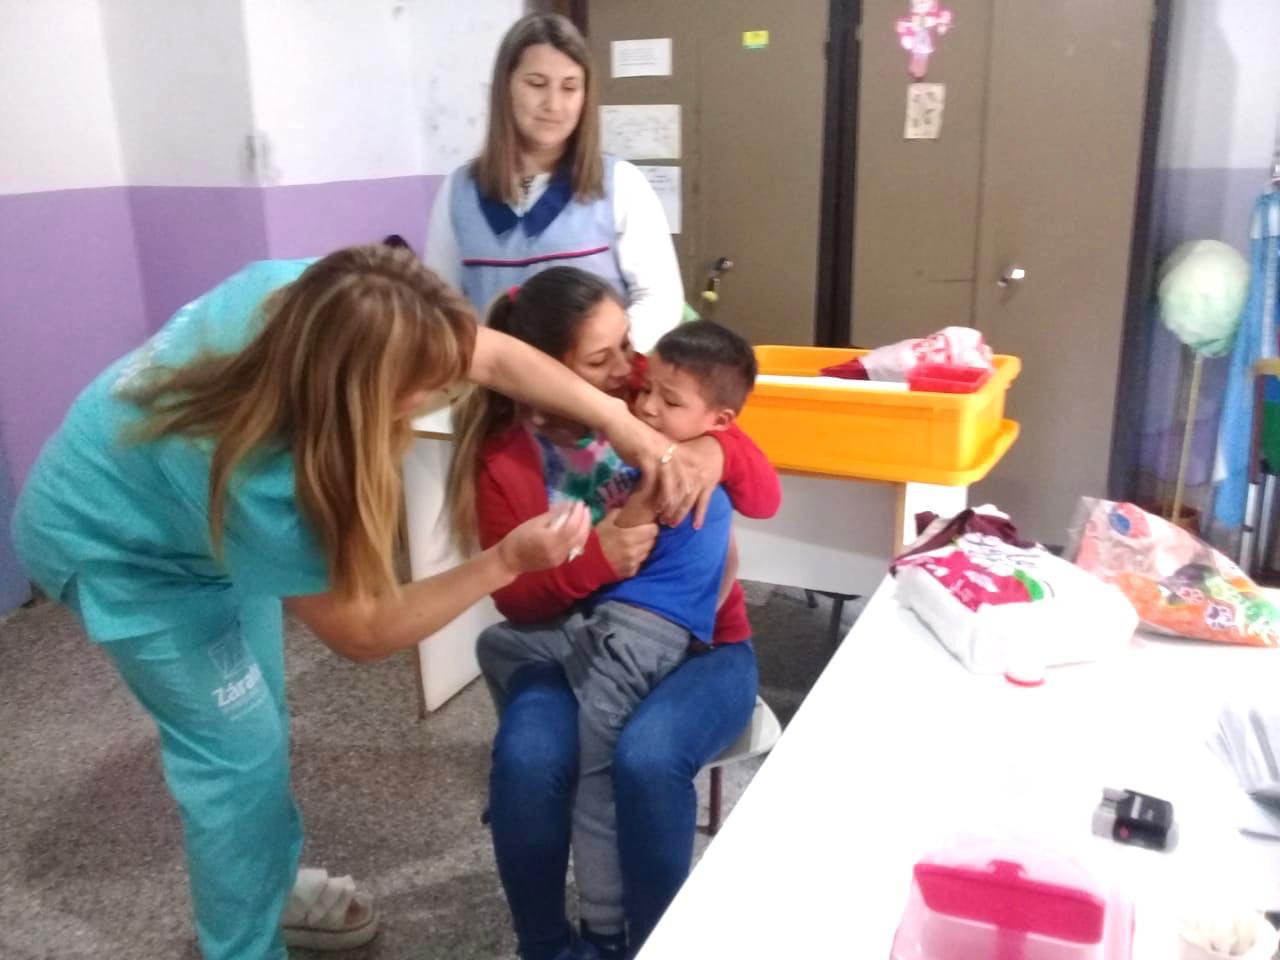 Municipio informa las nuevas recomendaciones de vacunación para controlar el brote de sarampión